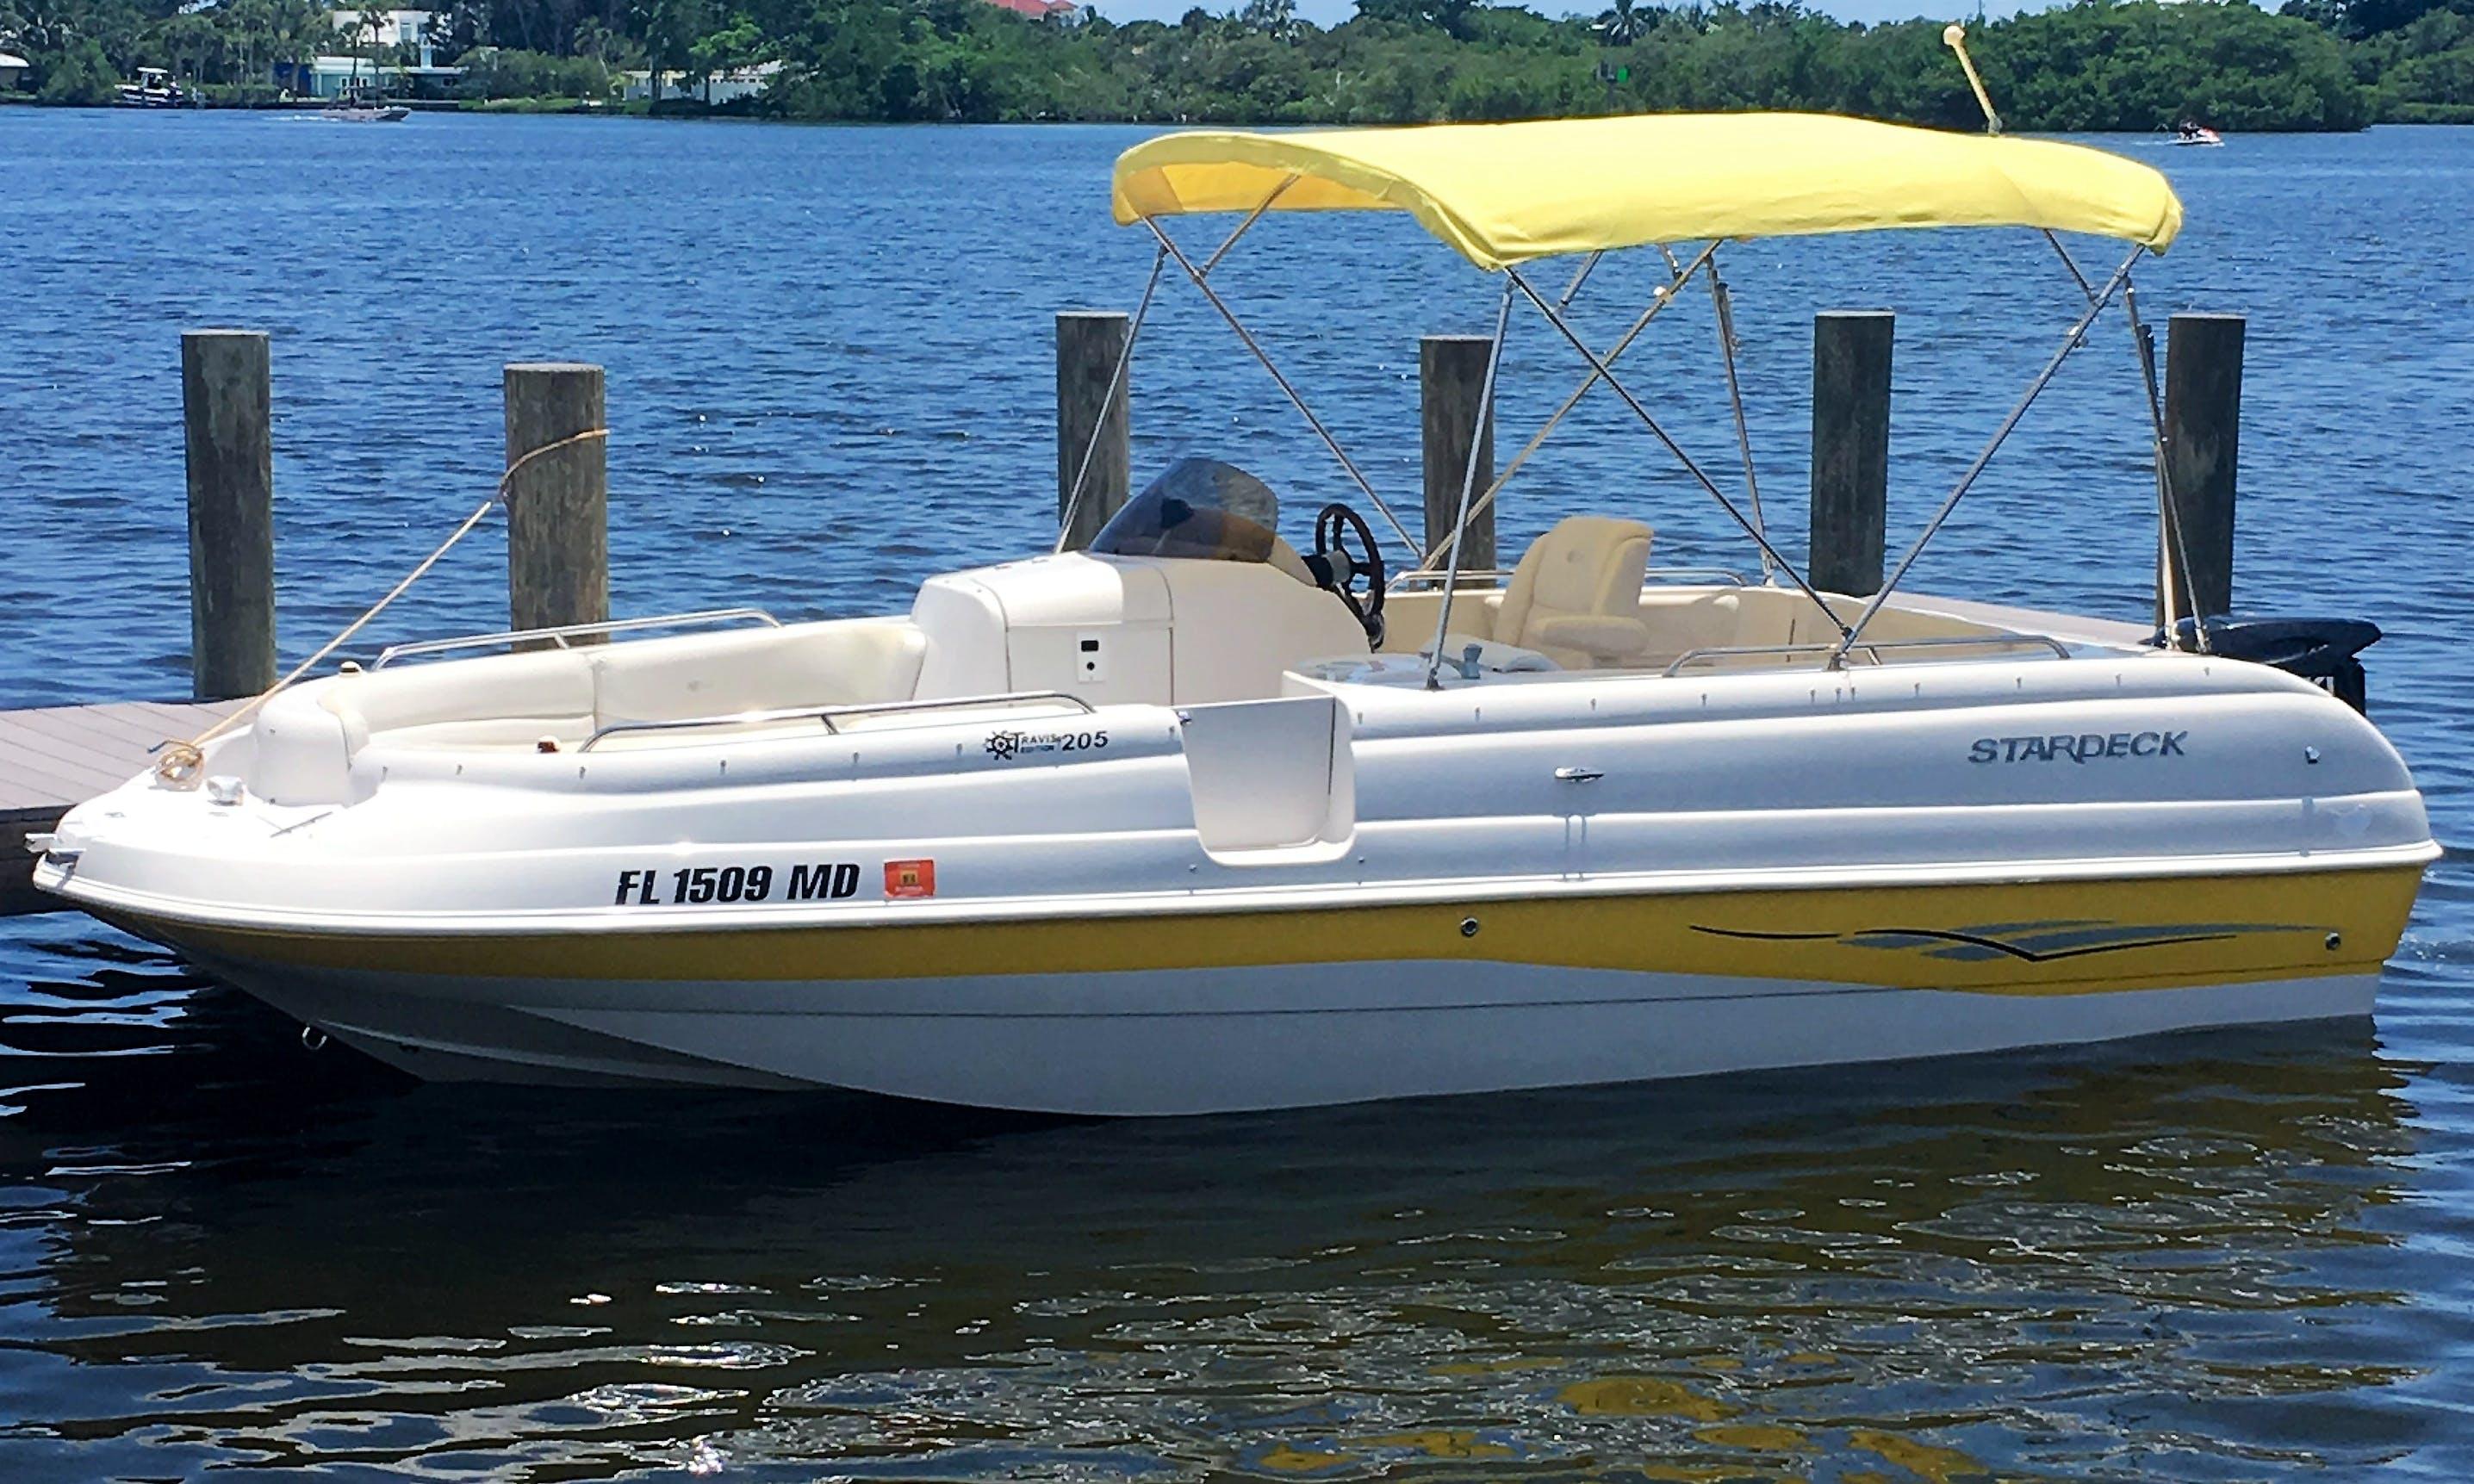 Stardeck 205 Bowrider Rental in Sarasota, Florida